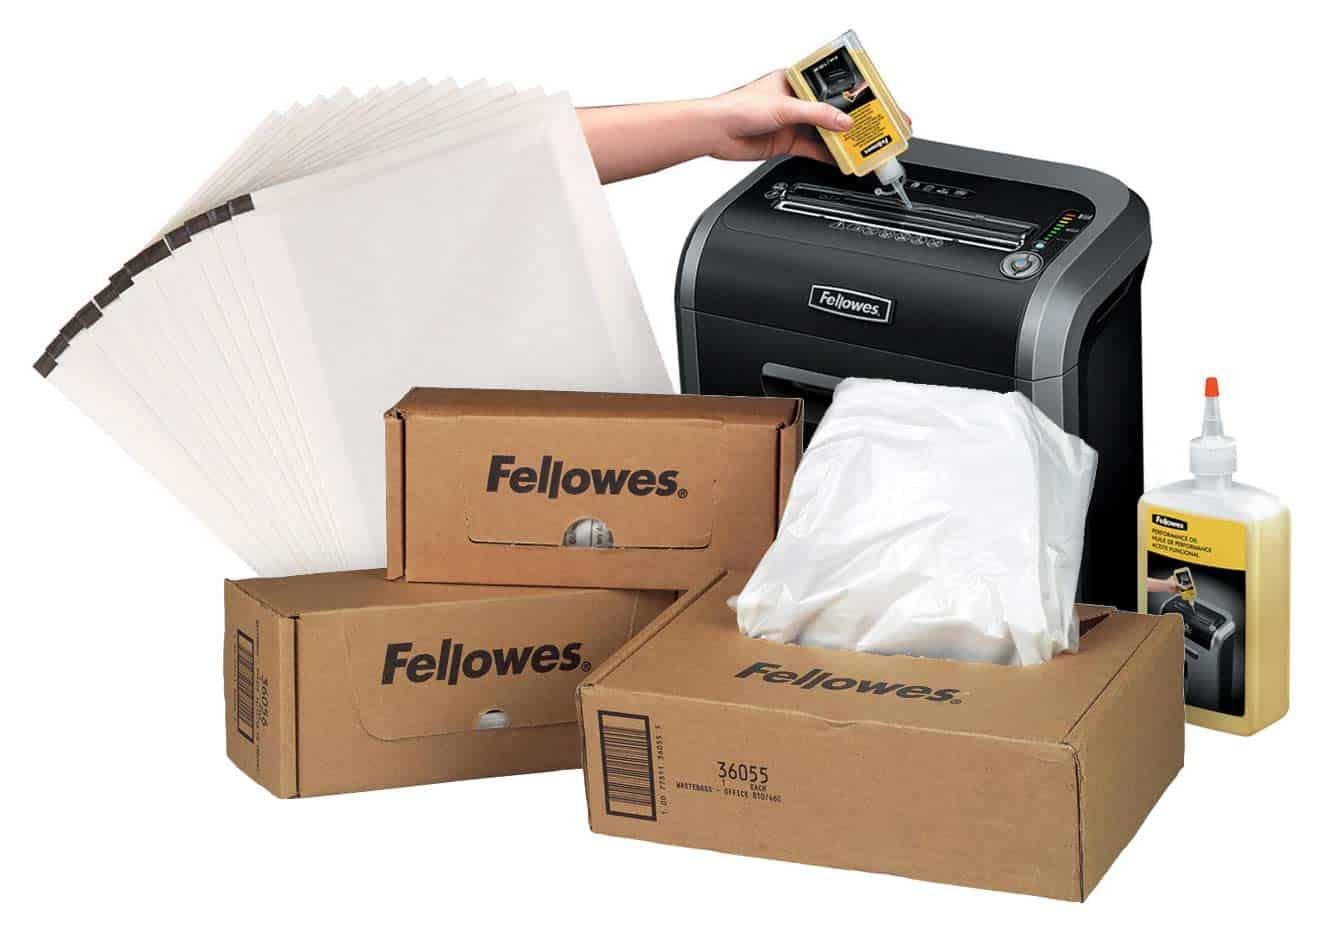 paper-shredder-maintenance-oil-lubricant-sheets-shredder-bags